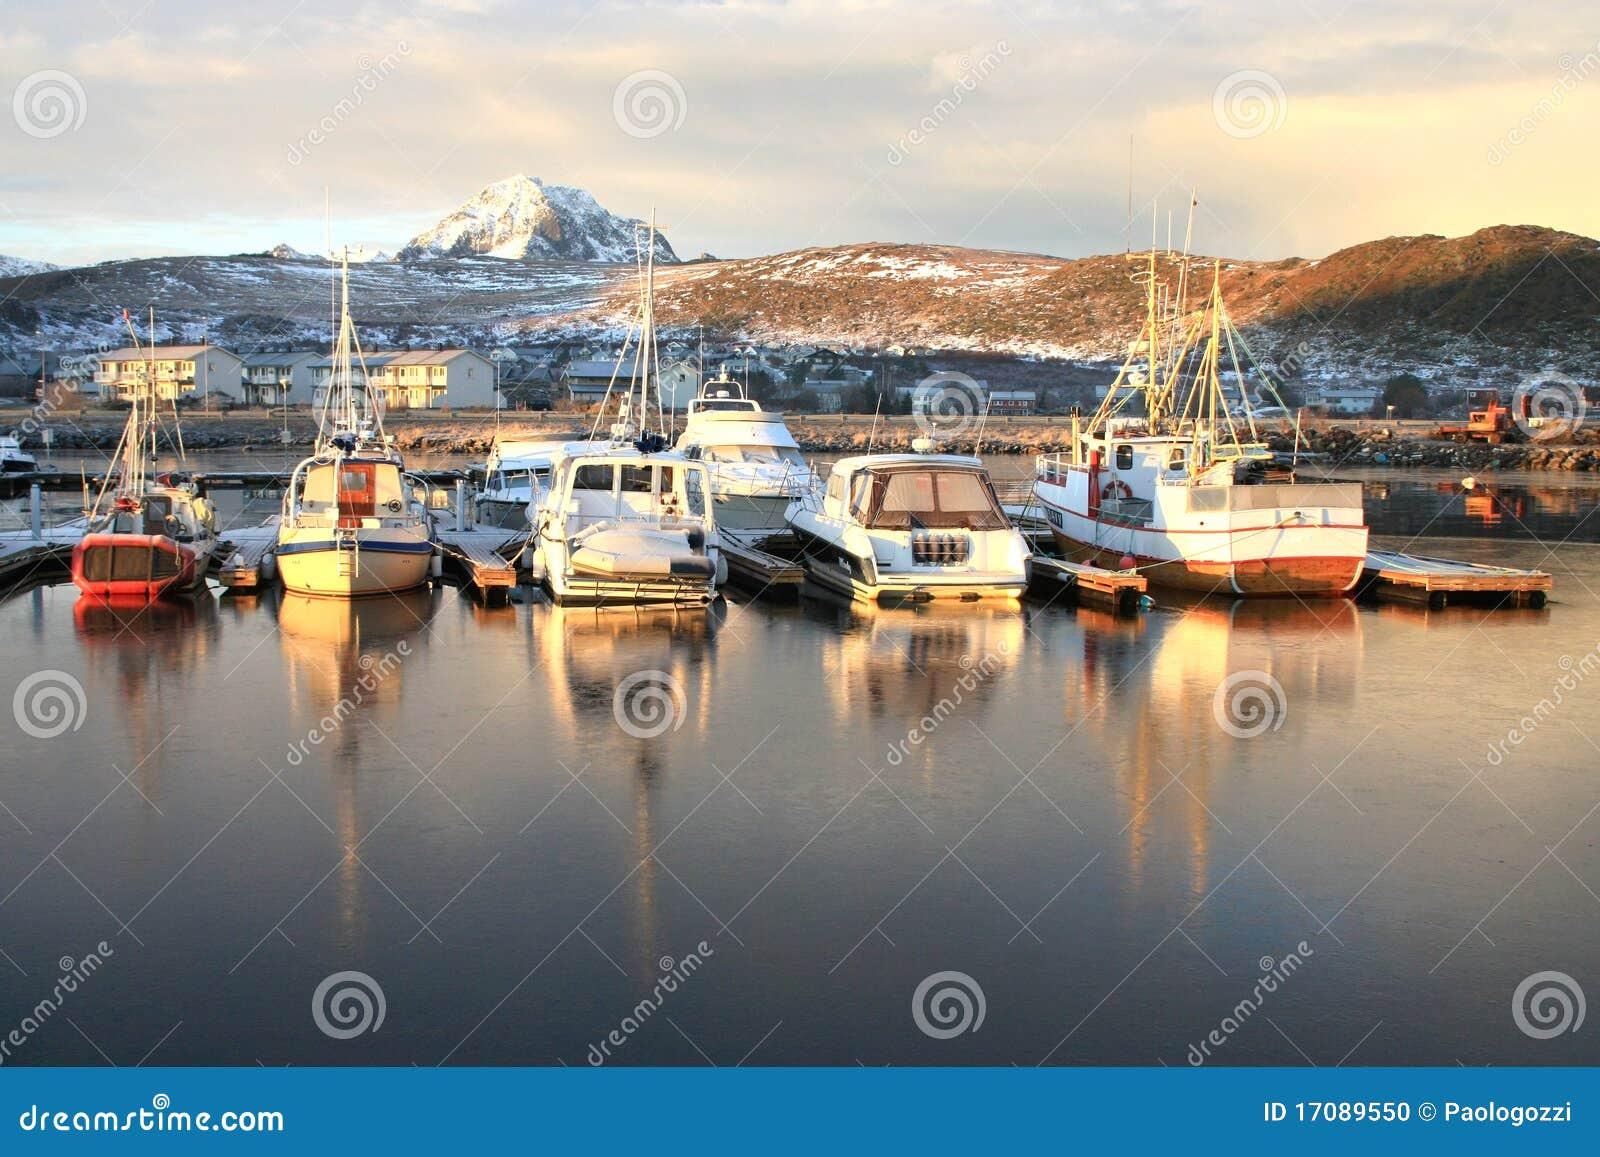 De haven van Gravdals in november